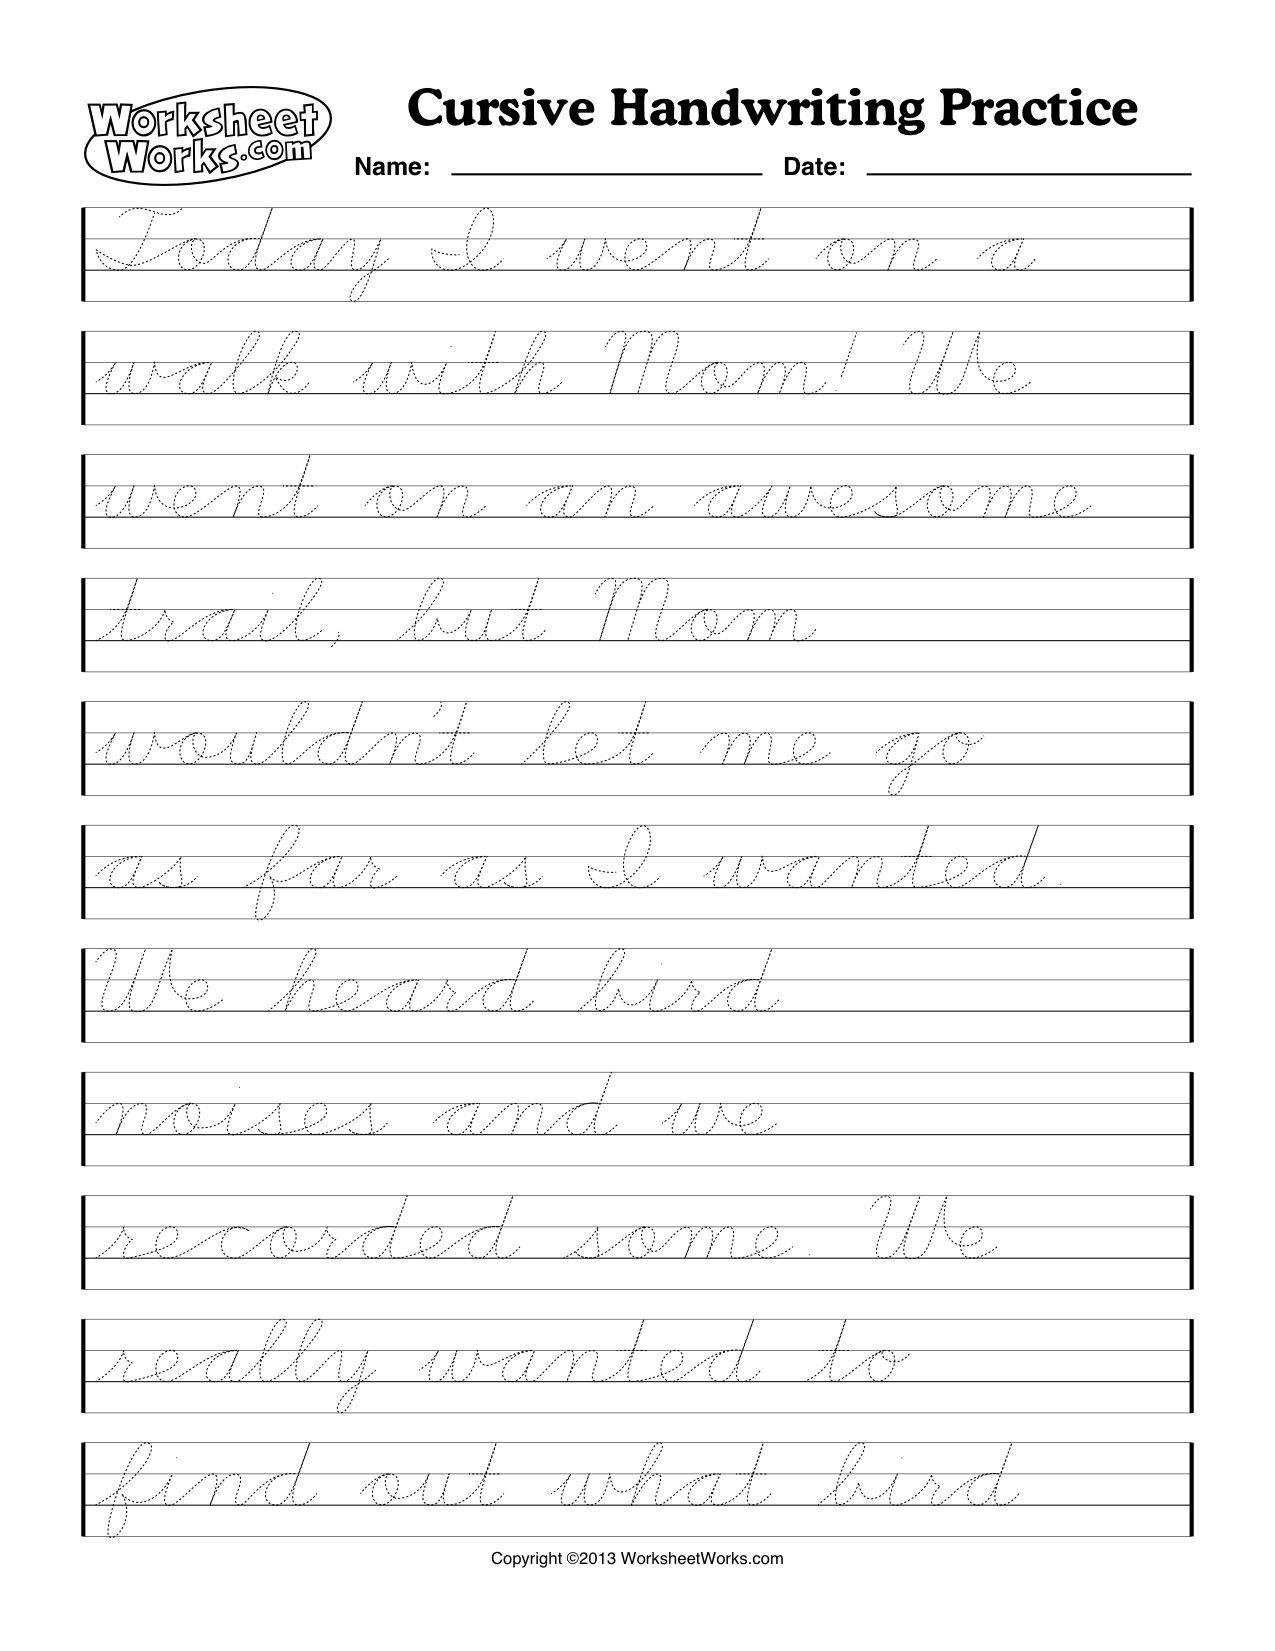 Printable Cursive Handwriting Worksheet Generator